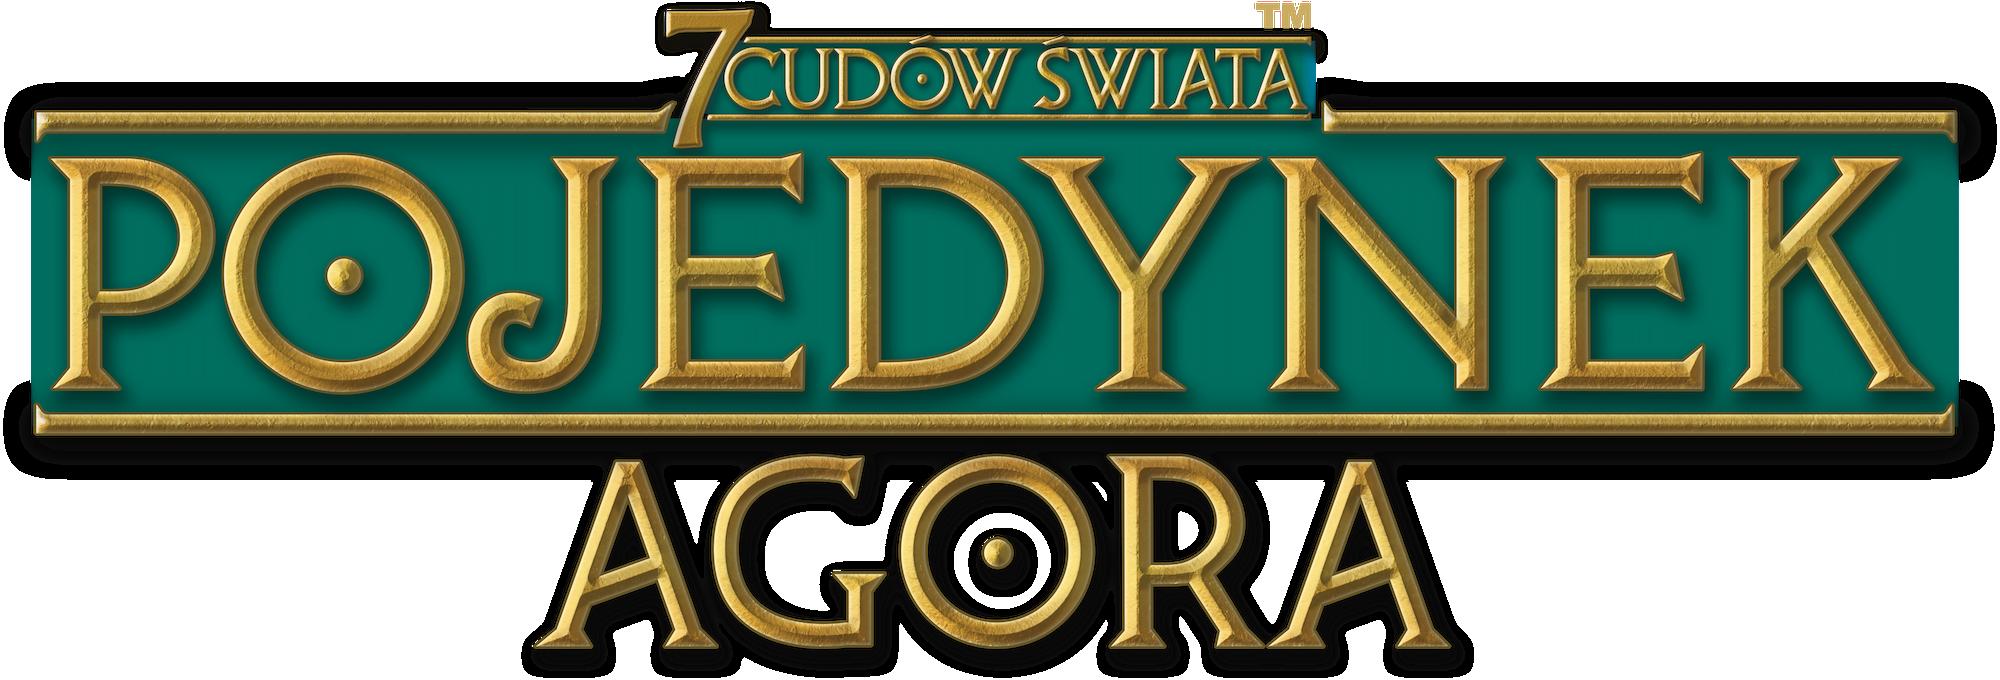 logo 7 Cudów Świata: Pojedynek Agora